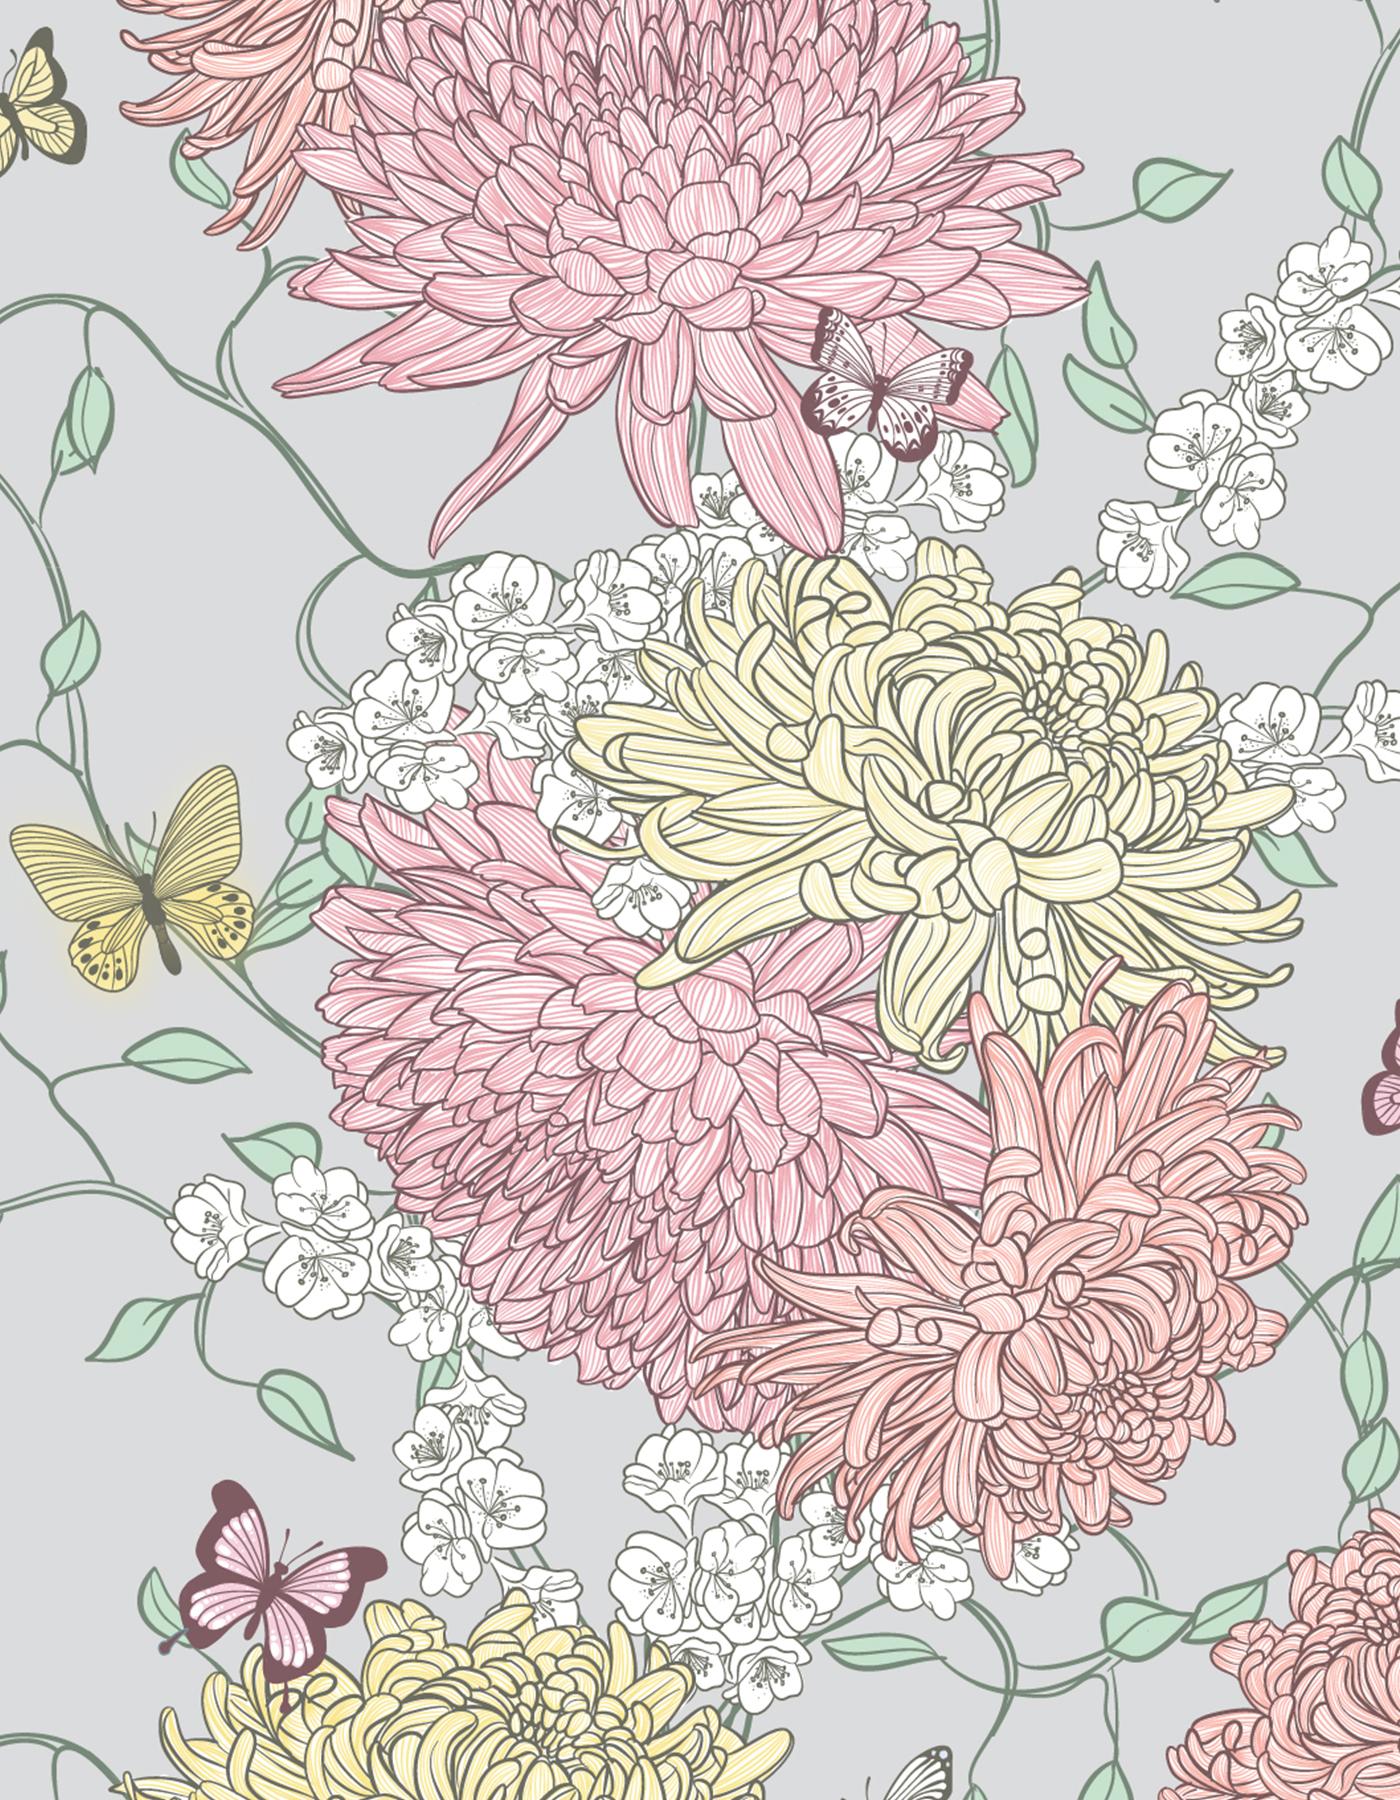 Monet's Garden Print (Bridesmaid)